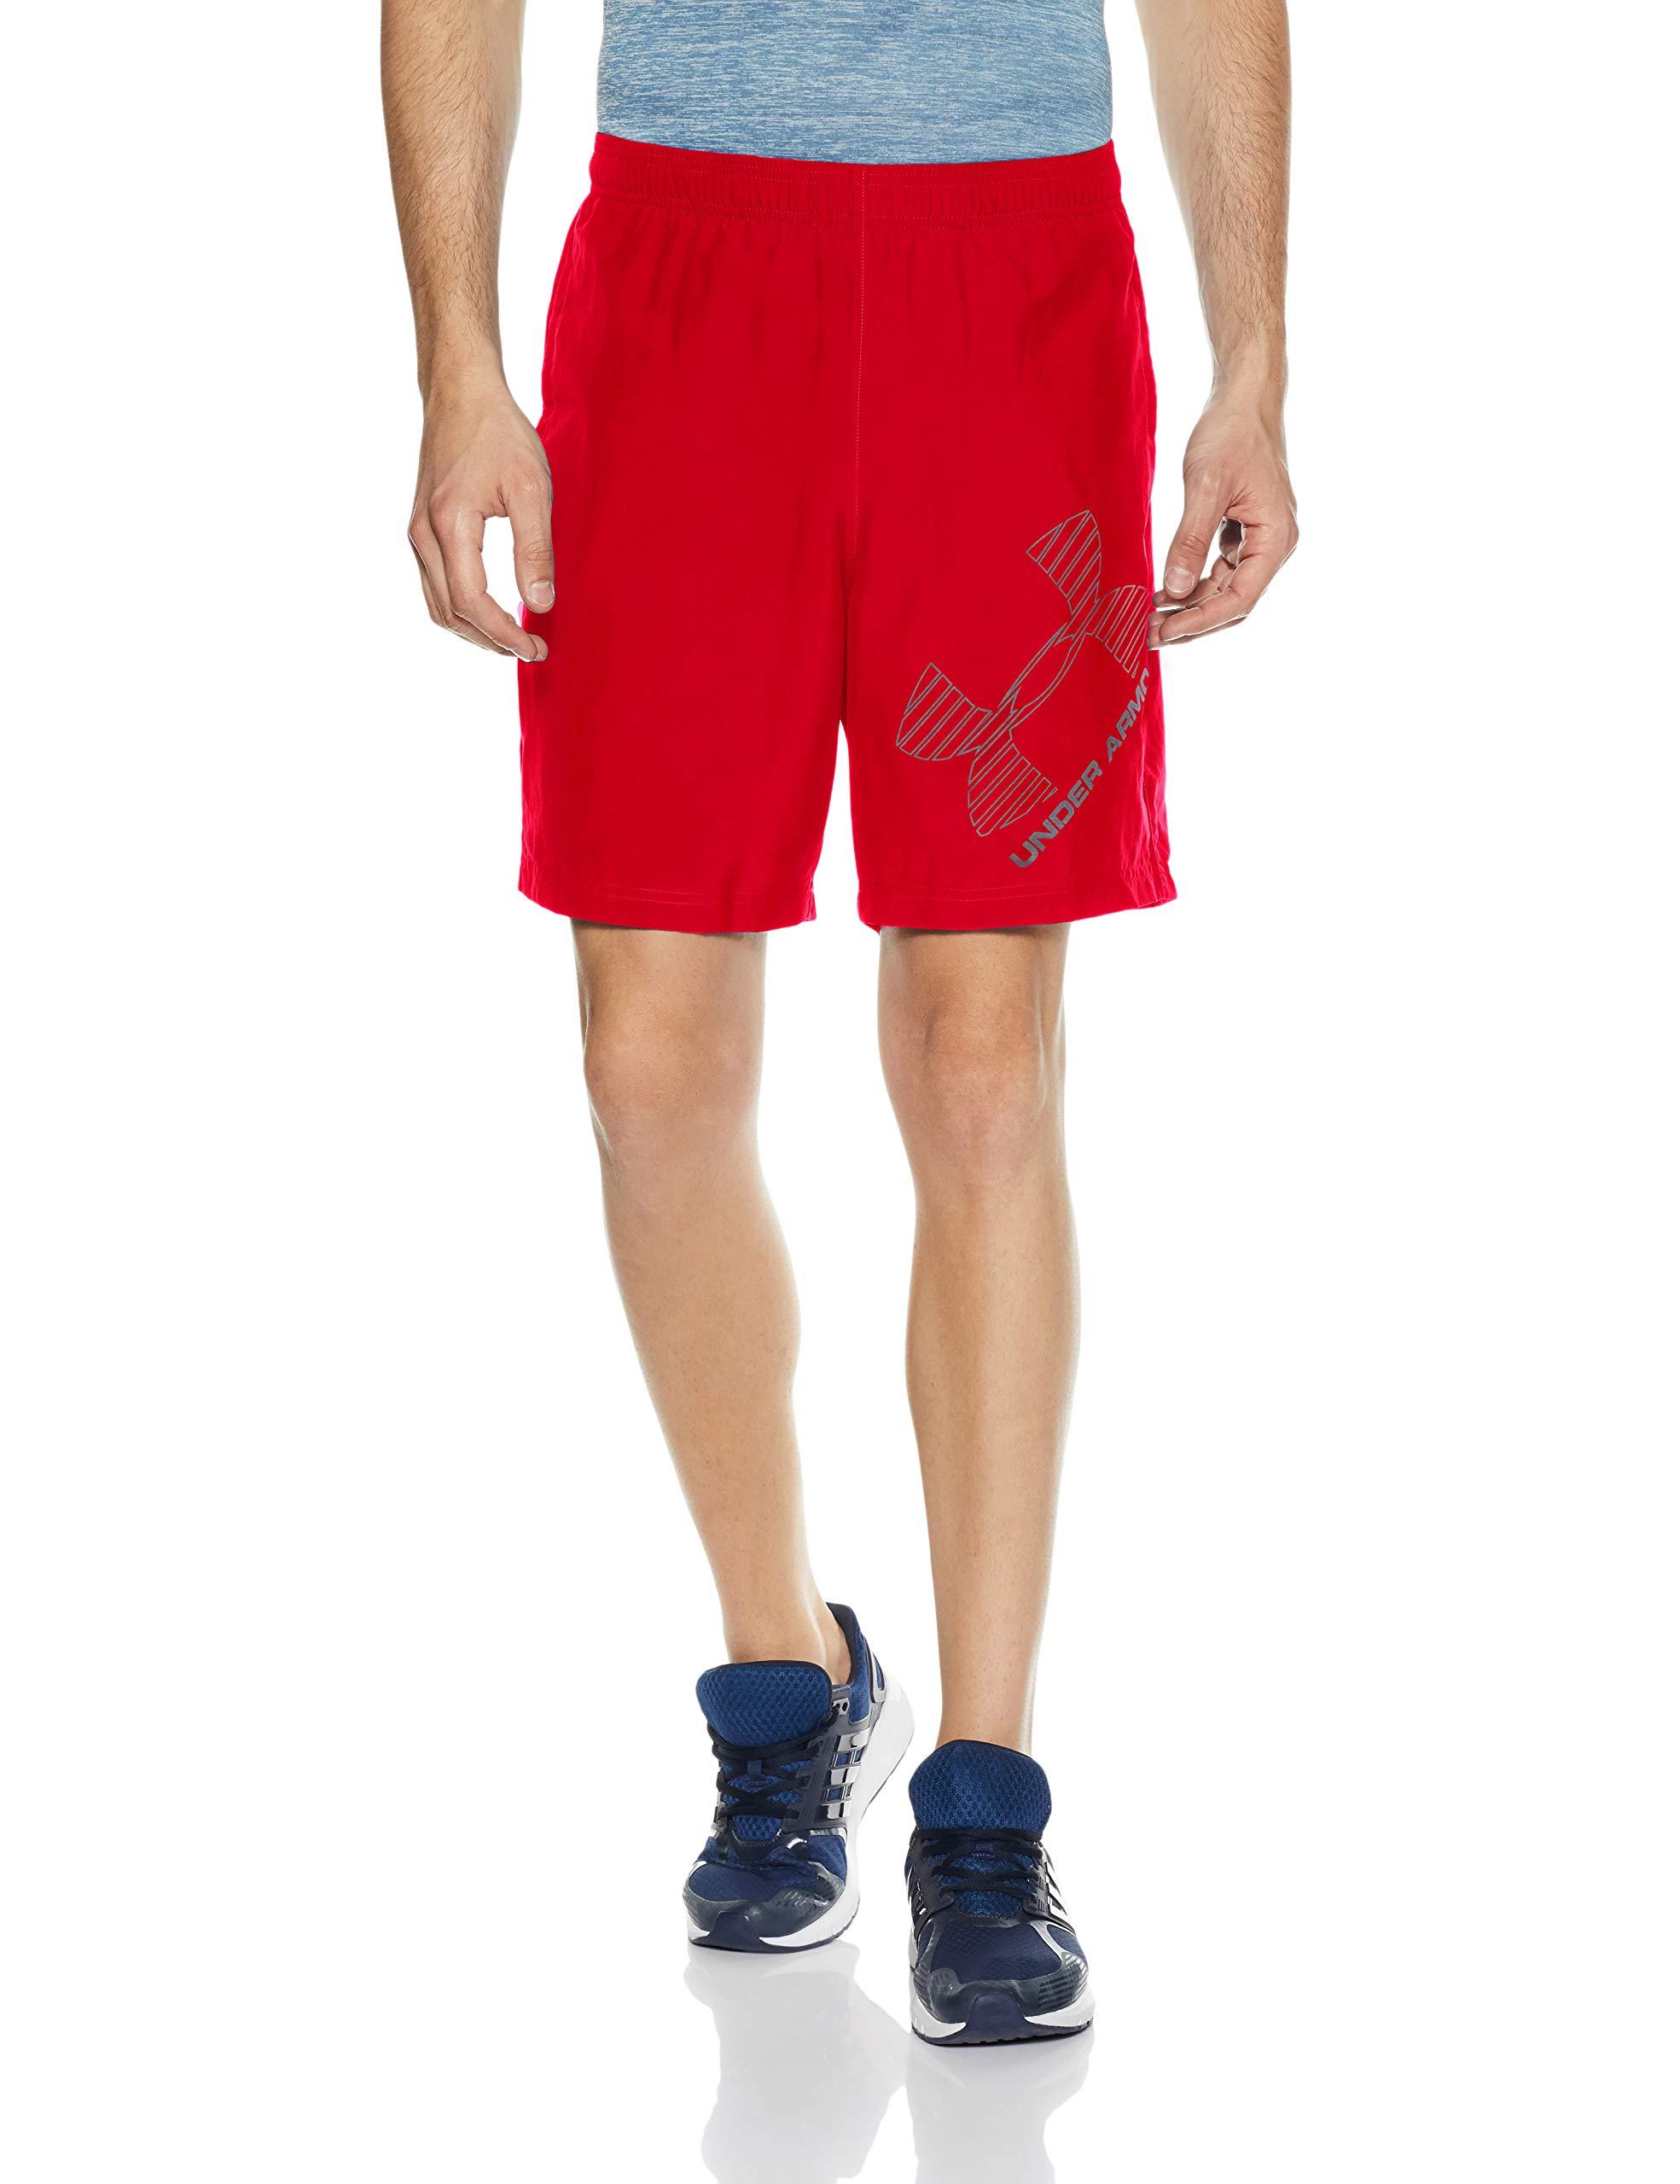 41199643f Mejor valorados en Pantalones cortos de fitness para hombre ...